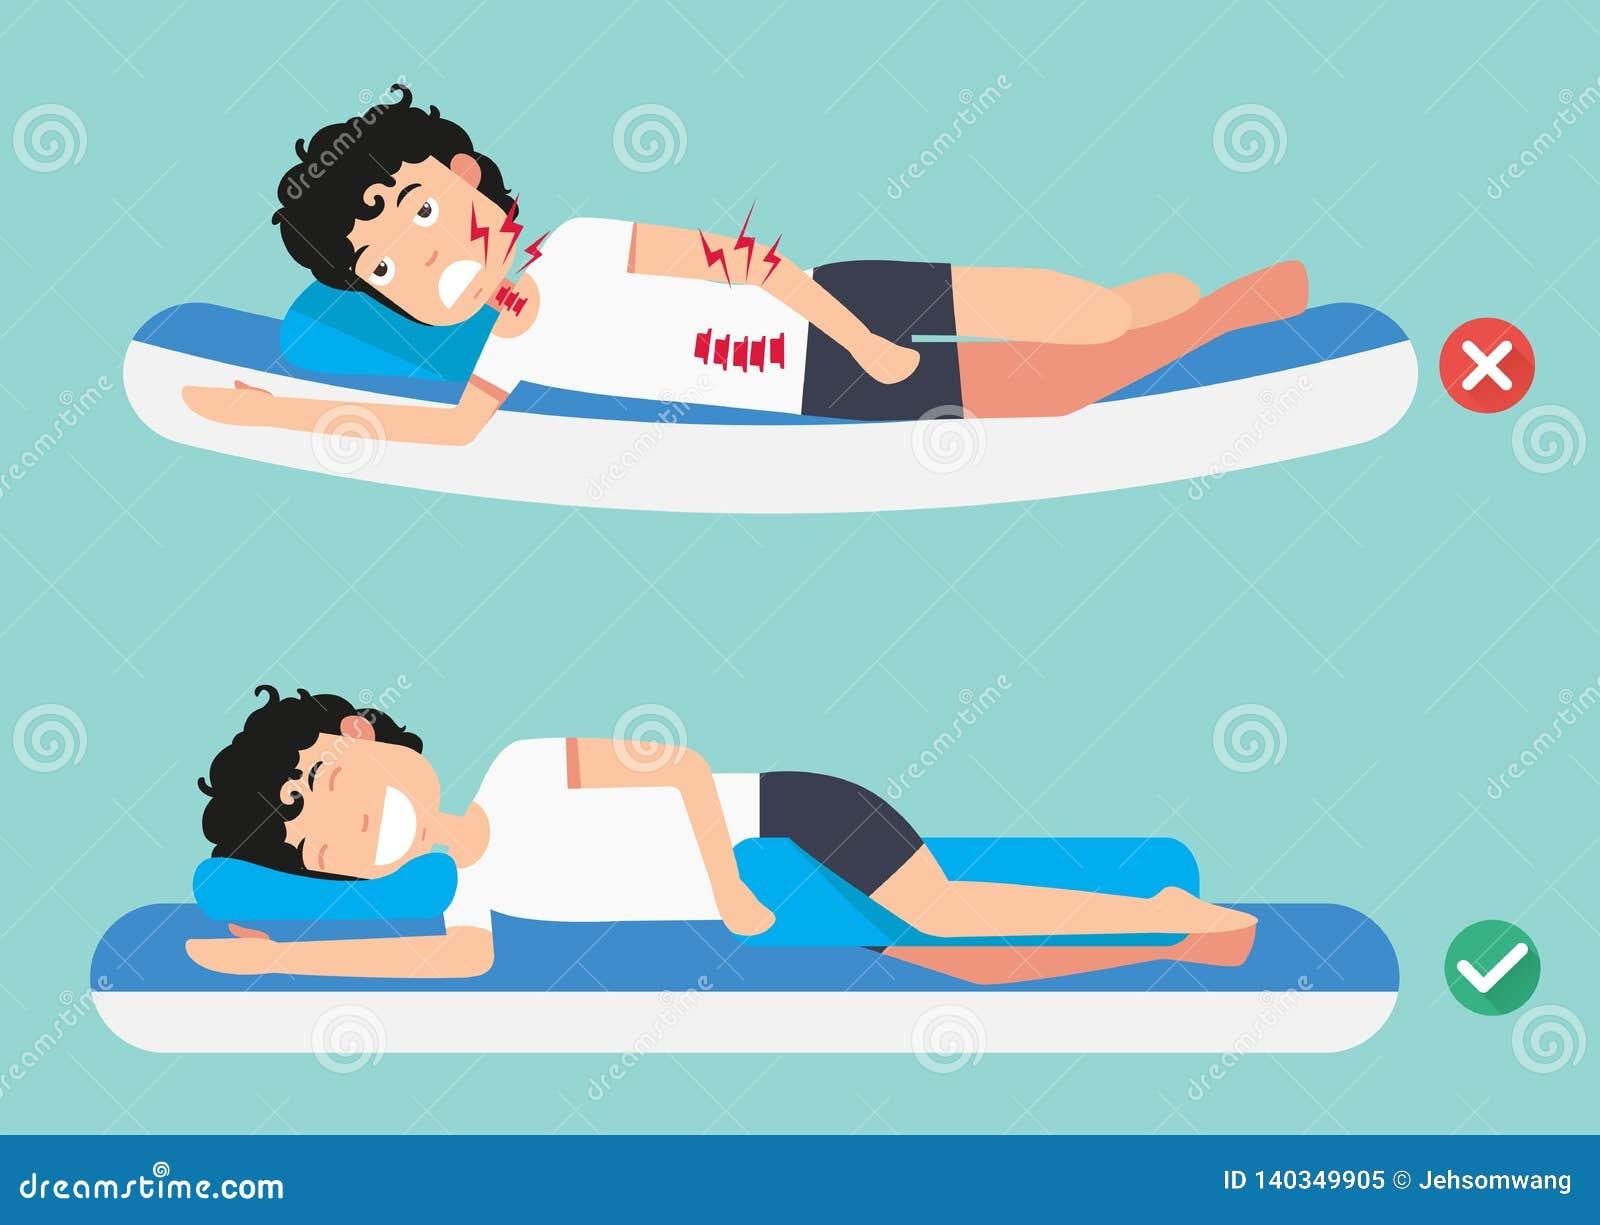 Las posiciones mejores y peores para dormir